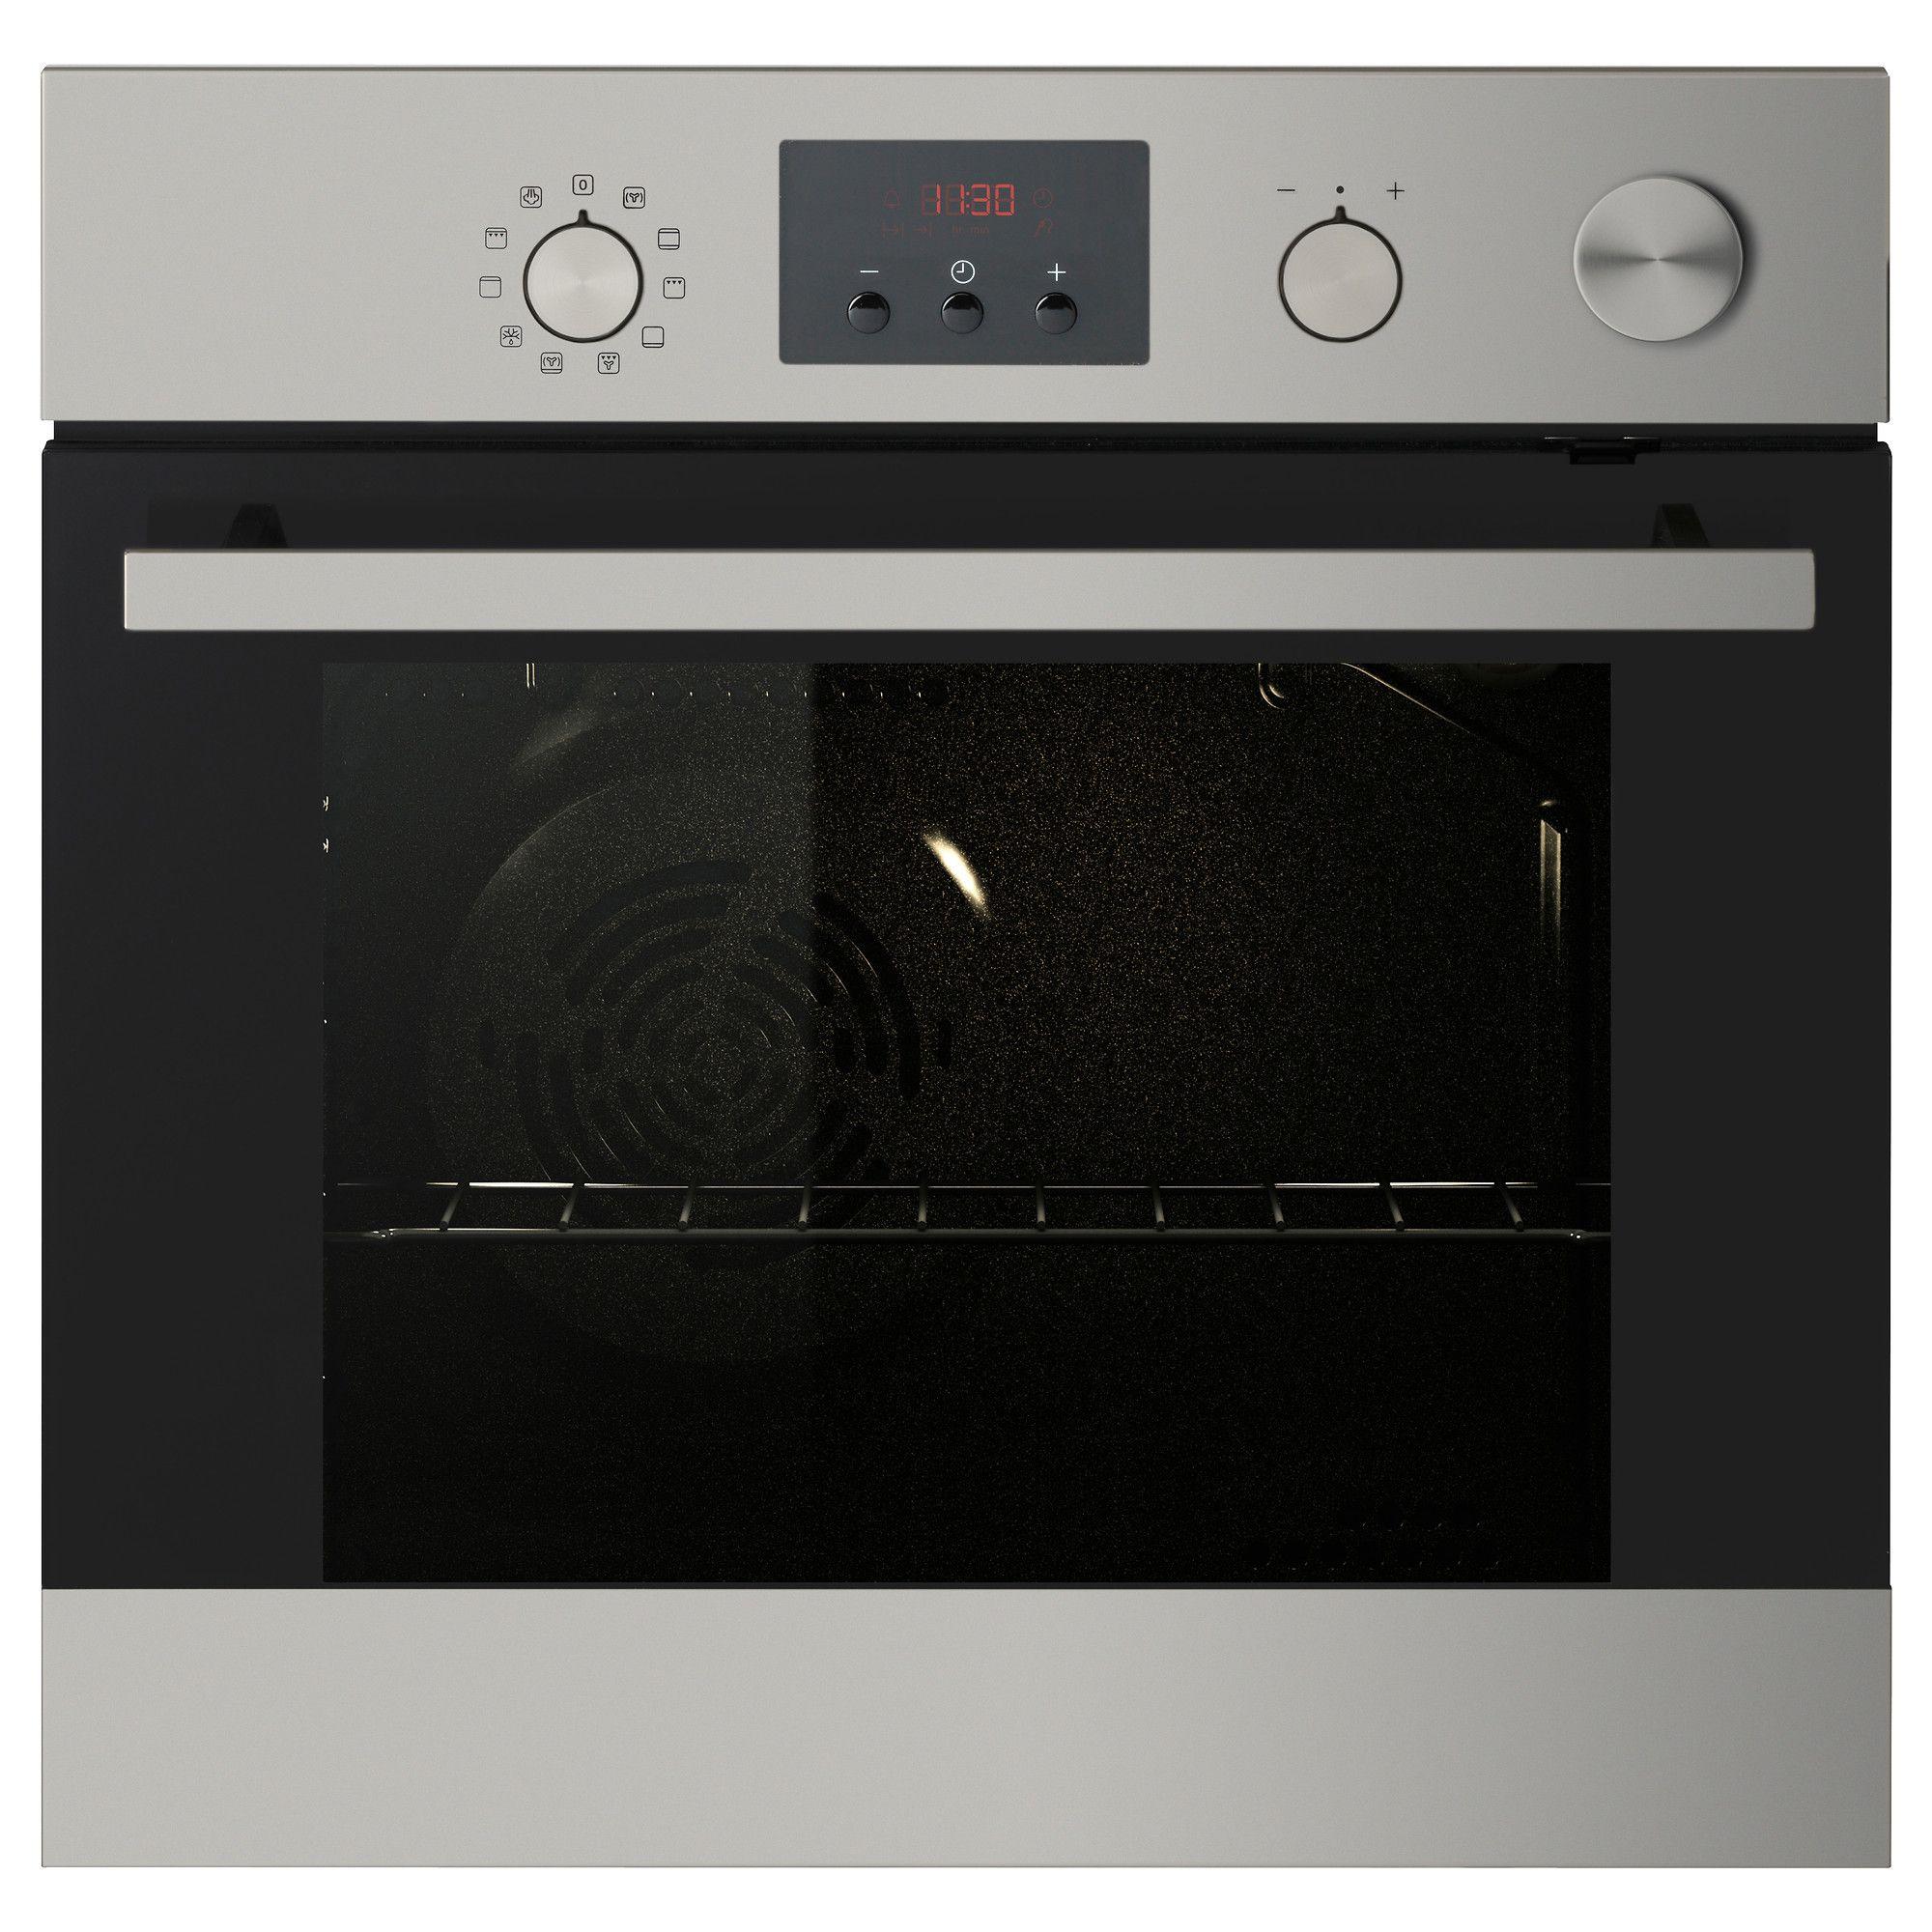 mirakulÖs ovn - ikea | kjøkken | pinterest